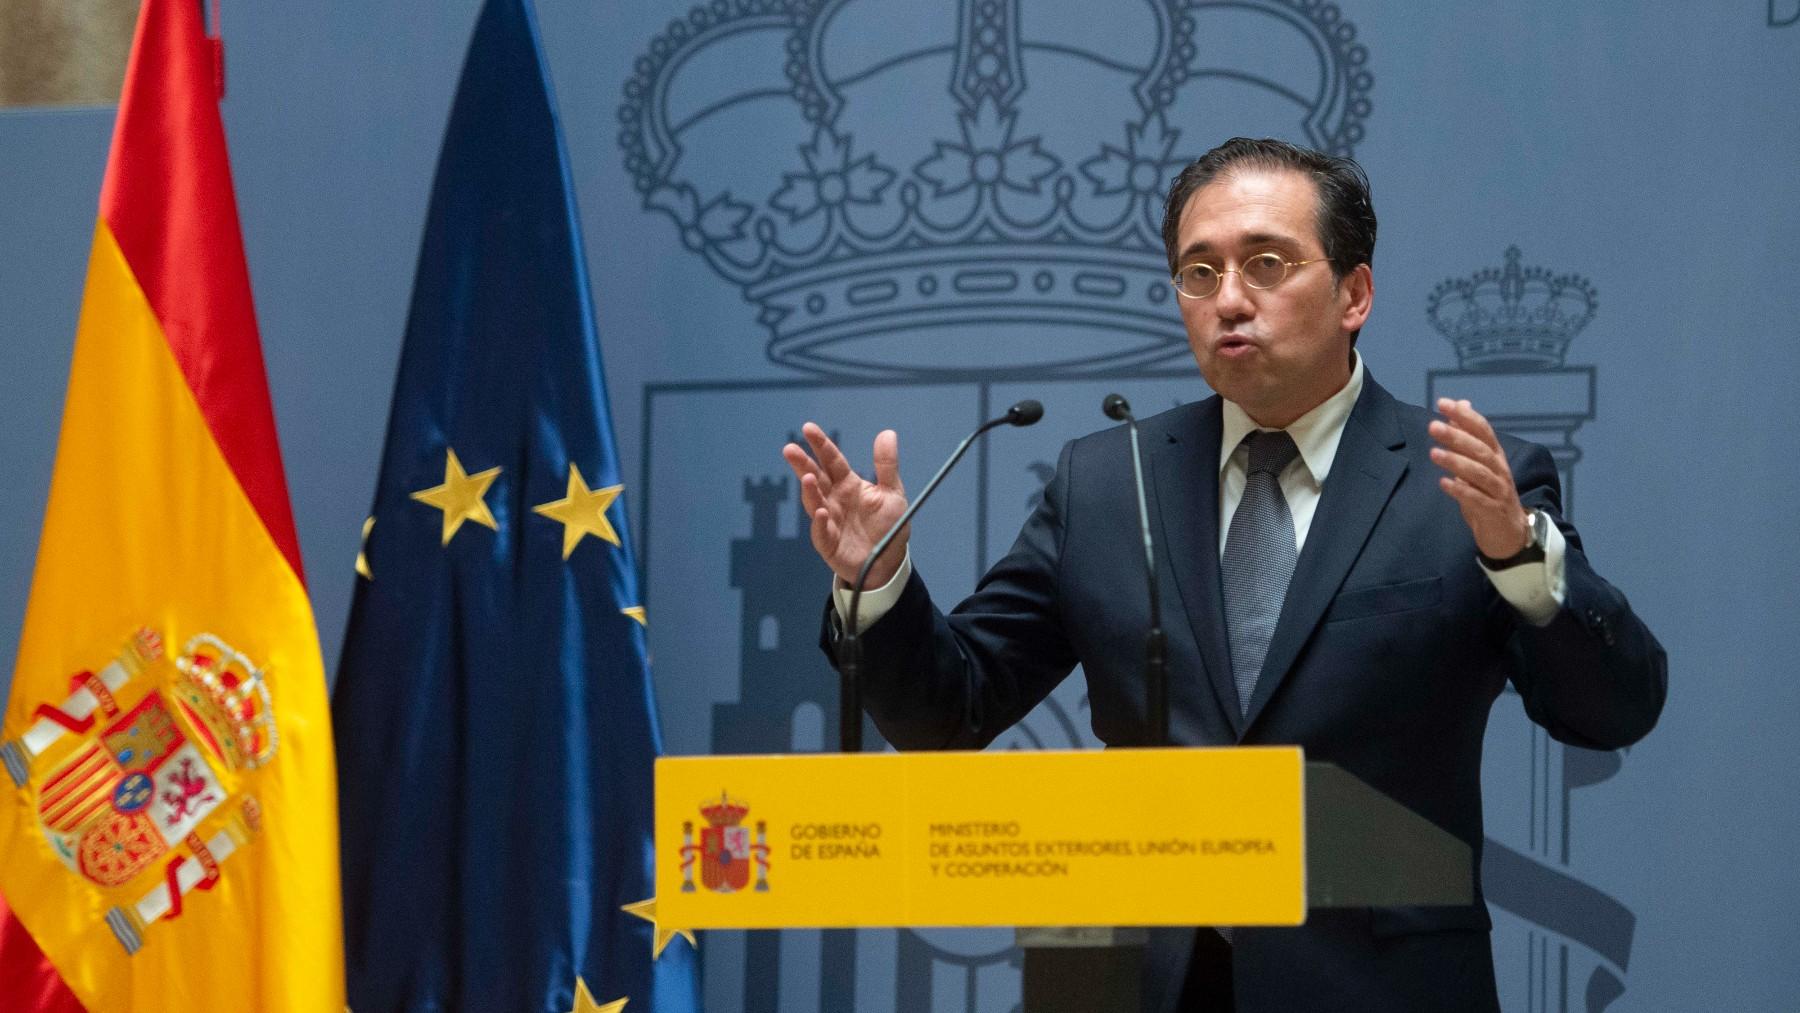 El ministro de Asuntos Exteriores, Unión Europea y Cooperación, José Manuel Albares.